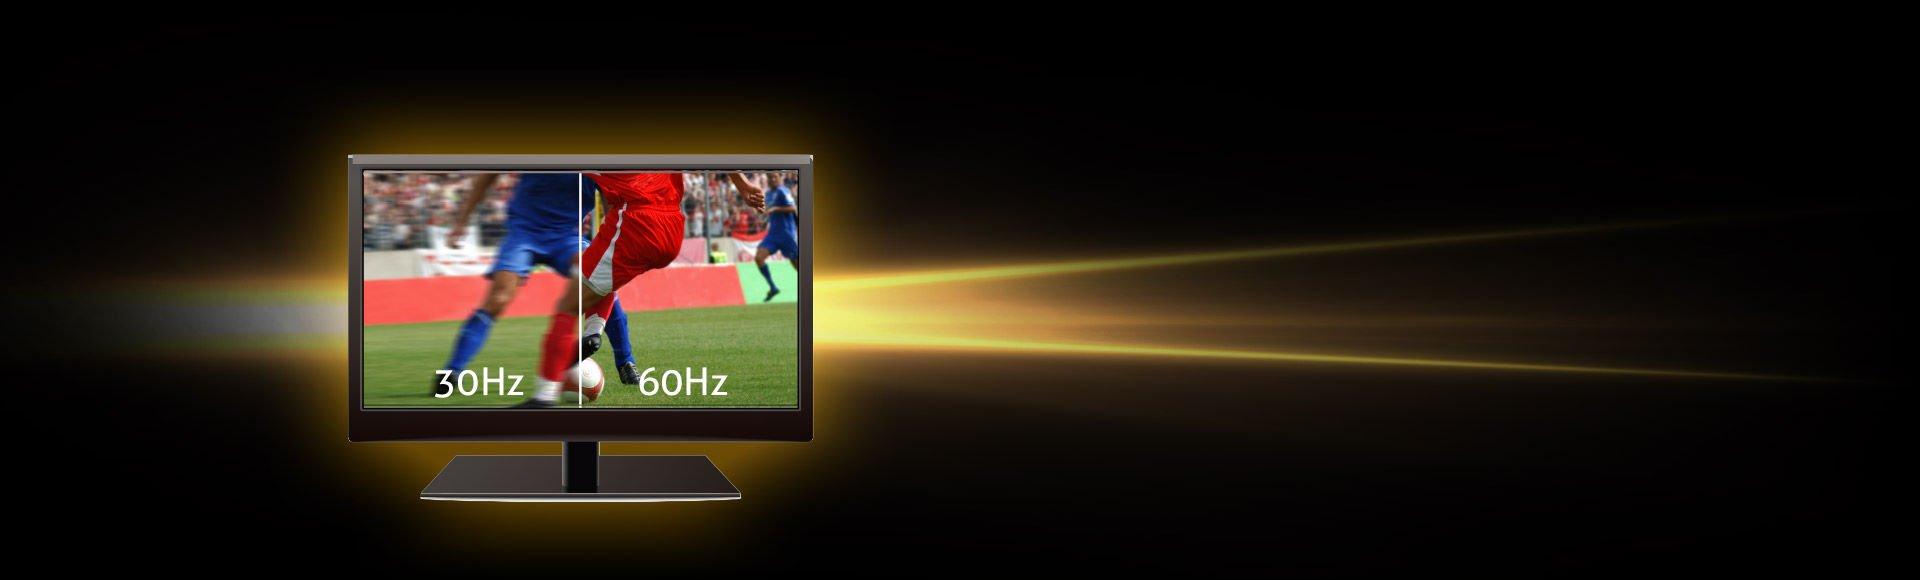 HDMI4K @ 60hz